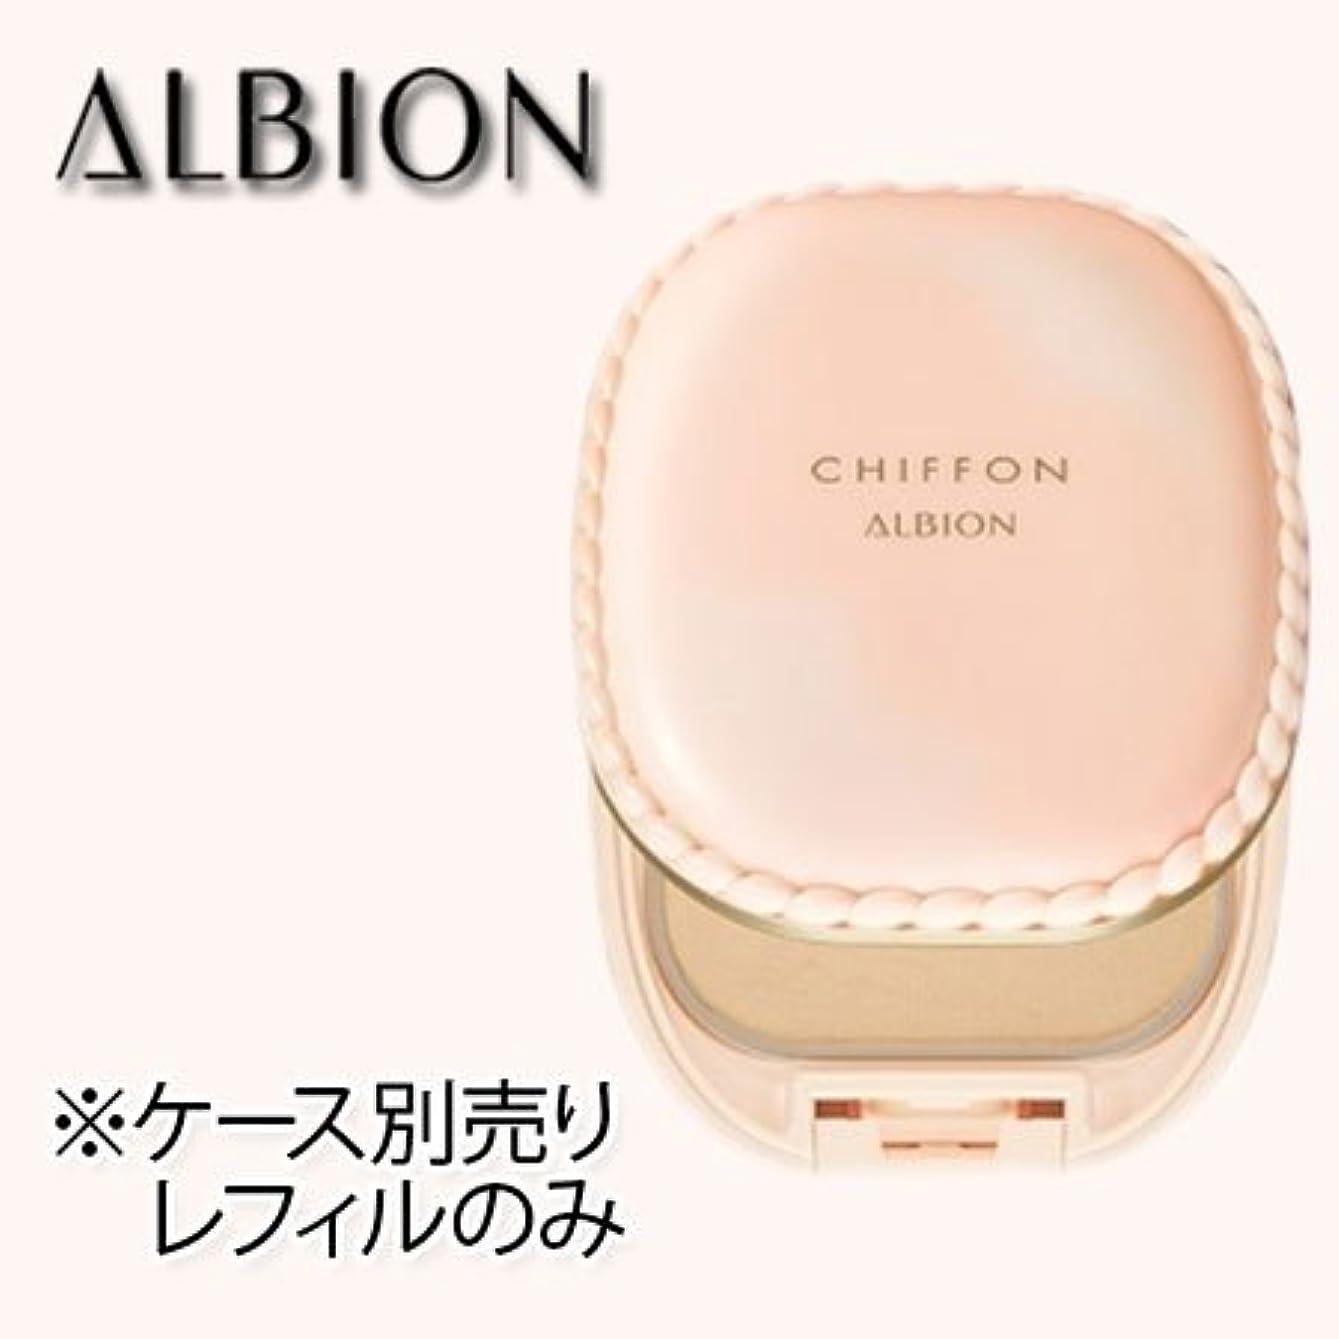 母ピカソエンゲージメントアルビオン スウィート モイスチュア シフォン (レフィル) 10g 6色 SPF22 PA++-ALBION- 030